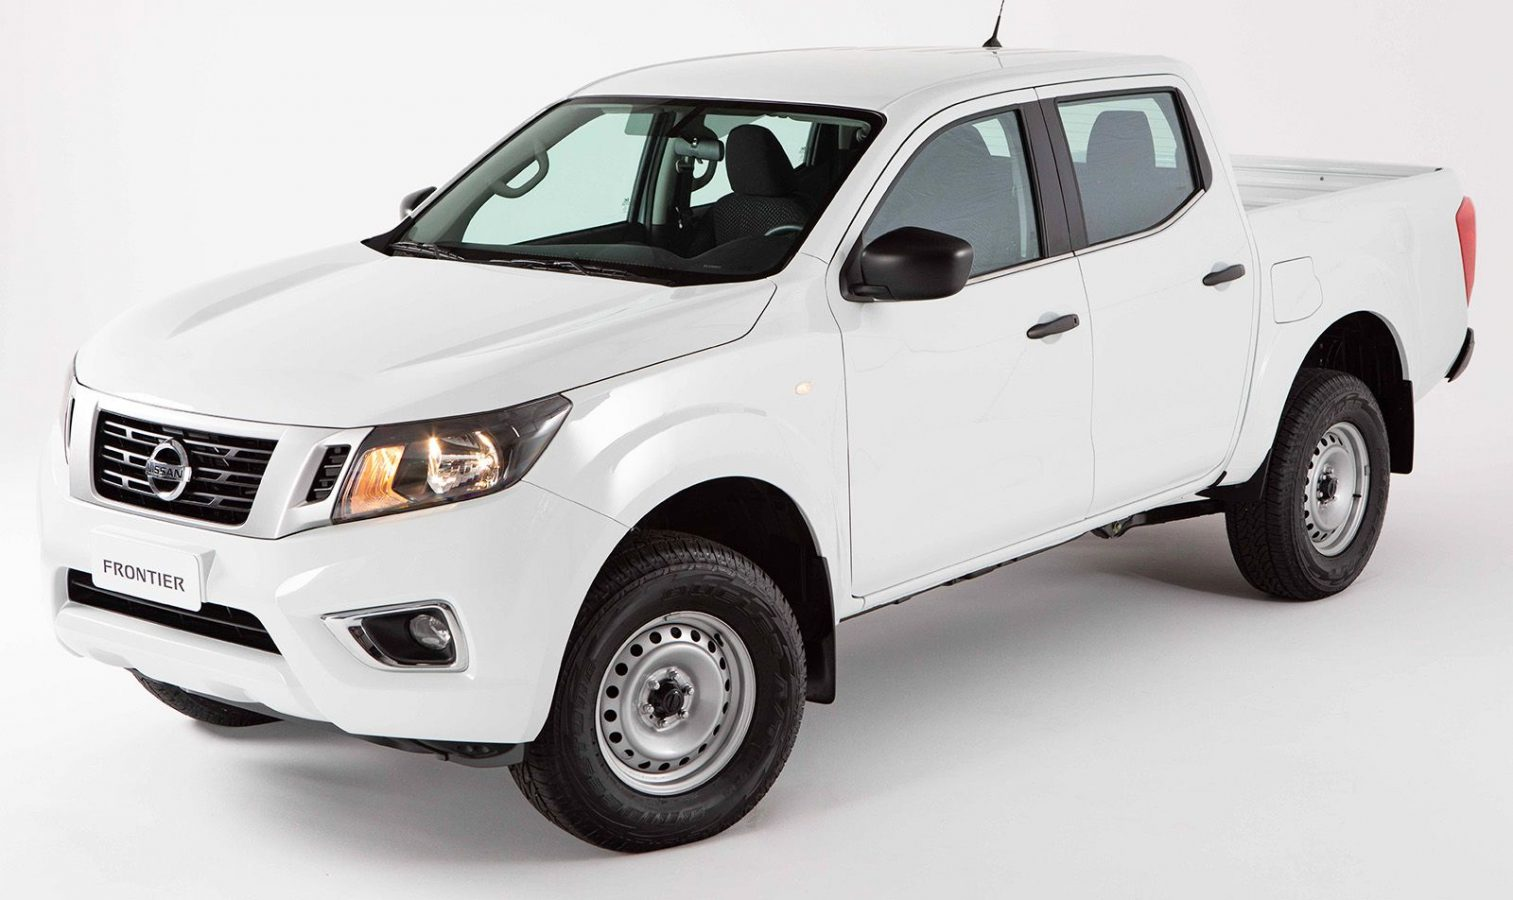 Nissan entregó 46 nuevas Frontier a la Municipalidad de Córdoba